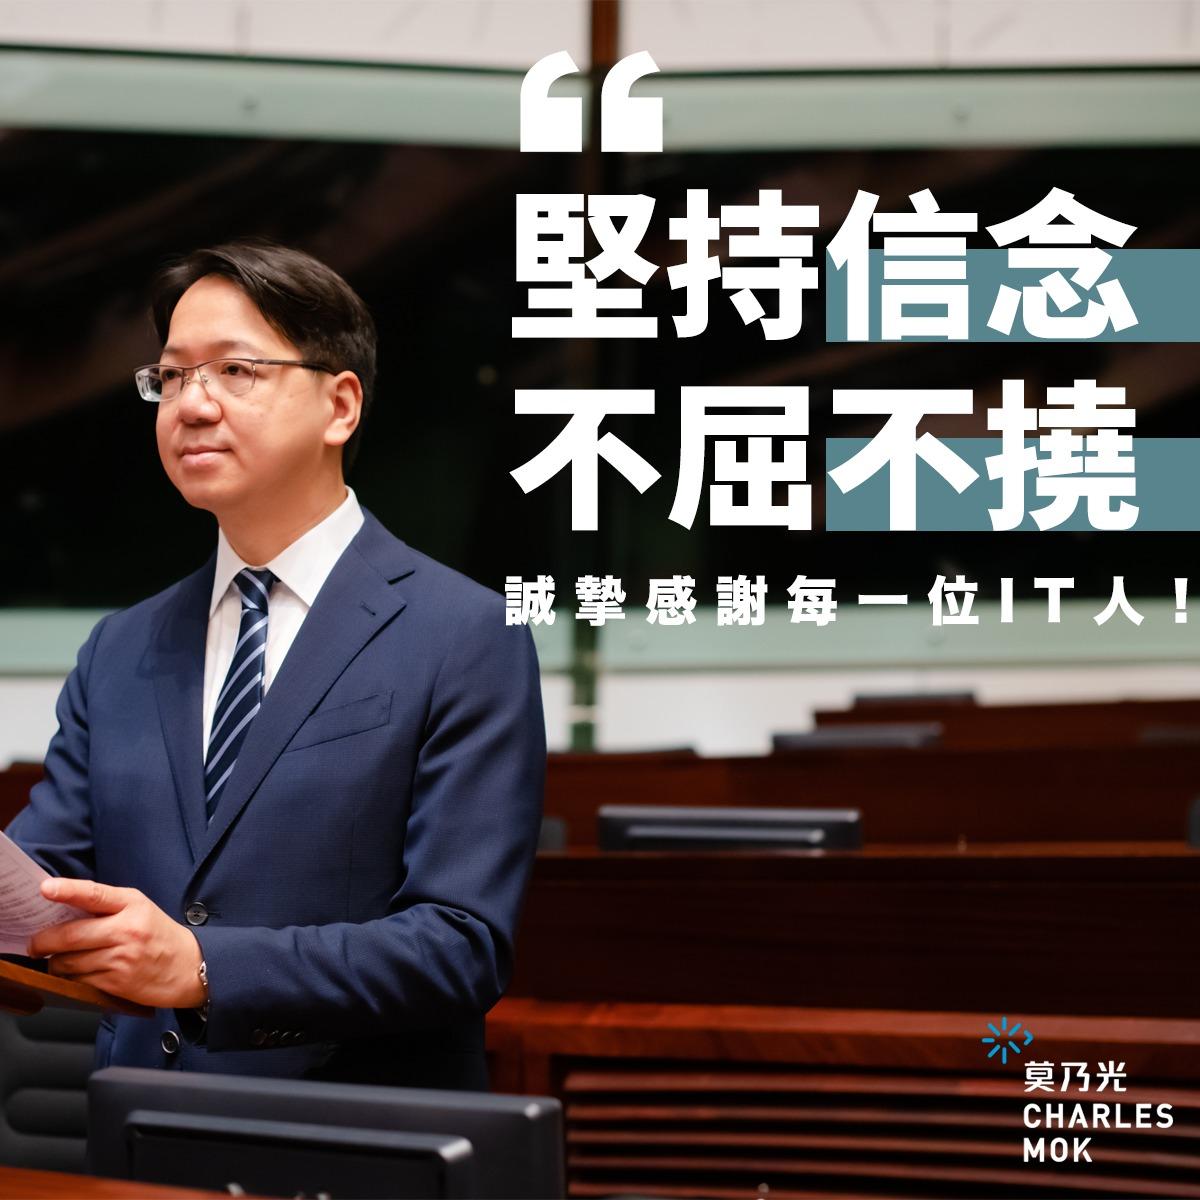 黃家偉(香港電腦保安事故協調中心總經理)